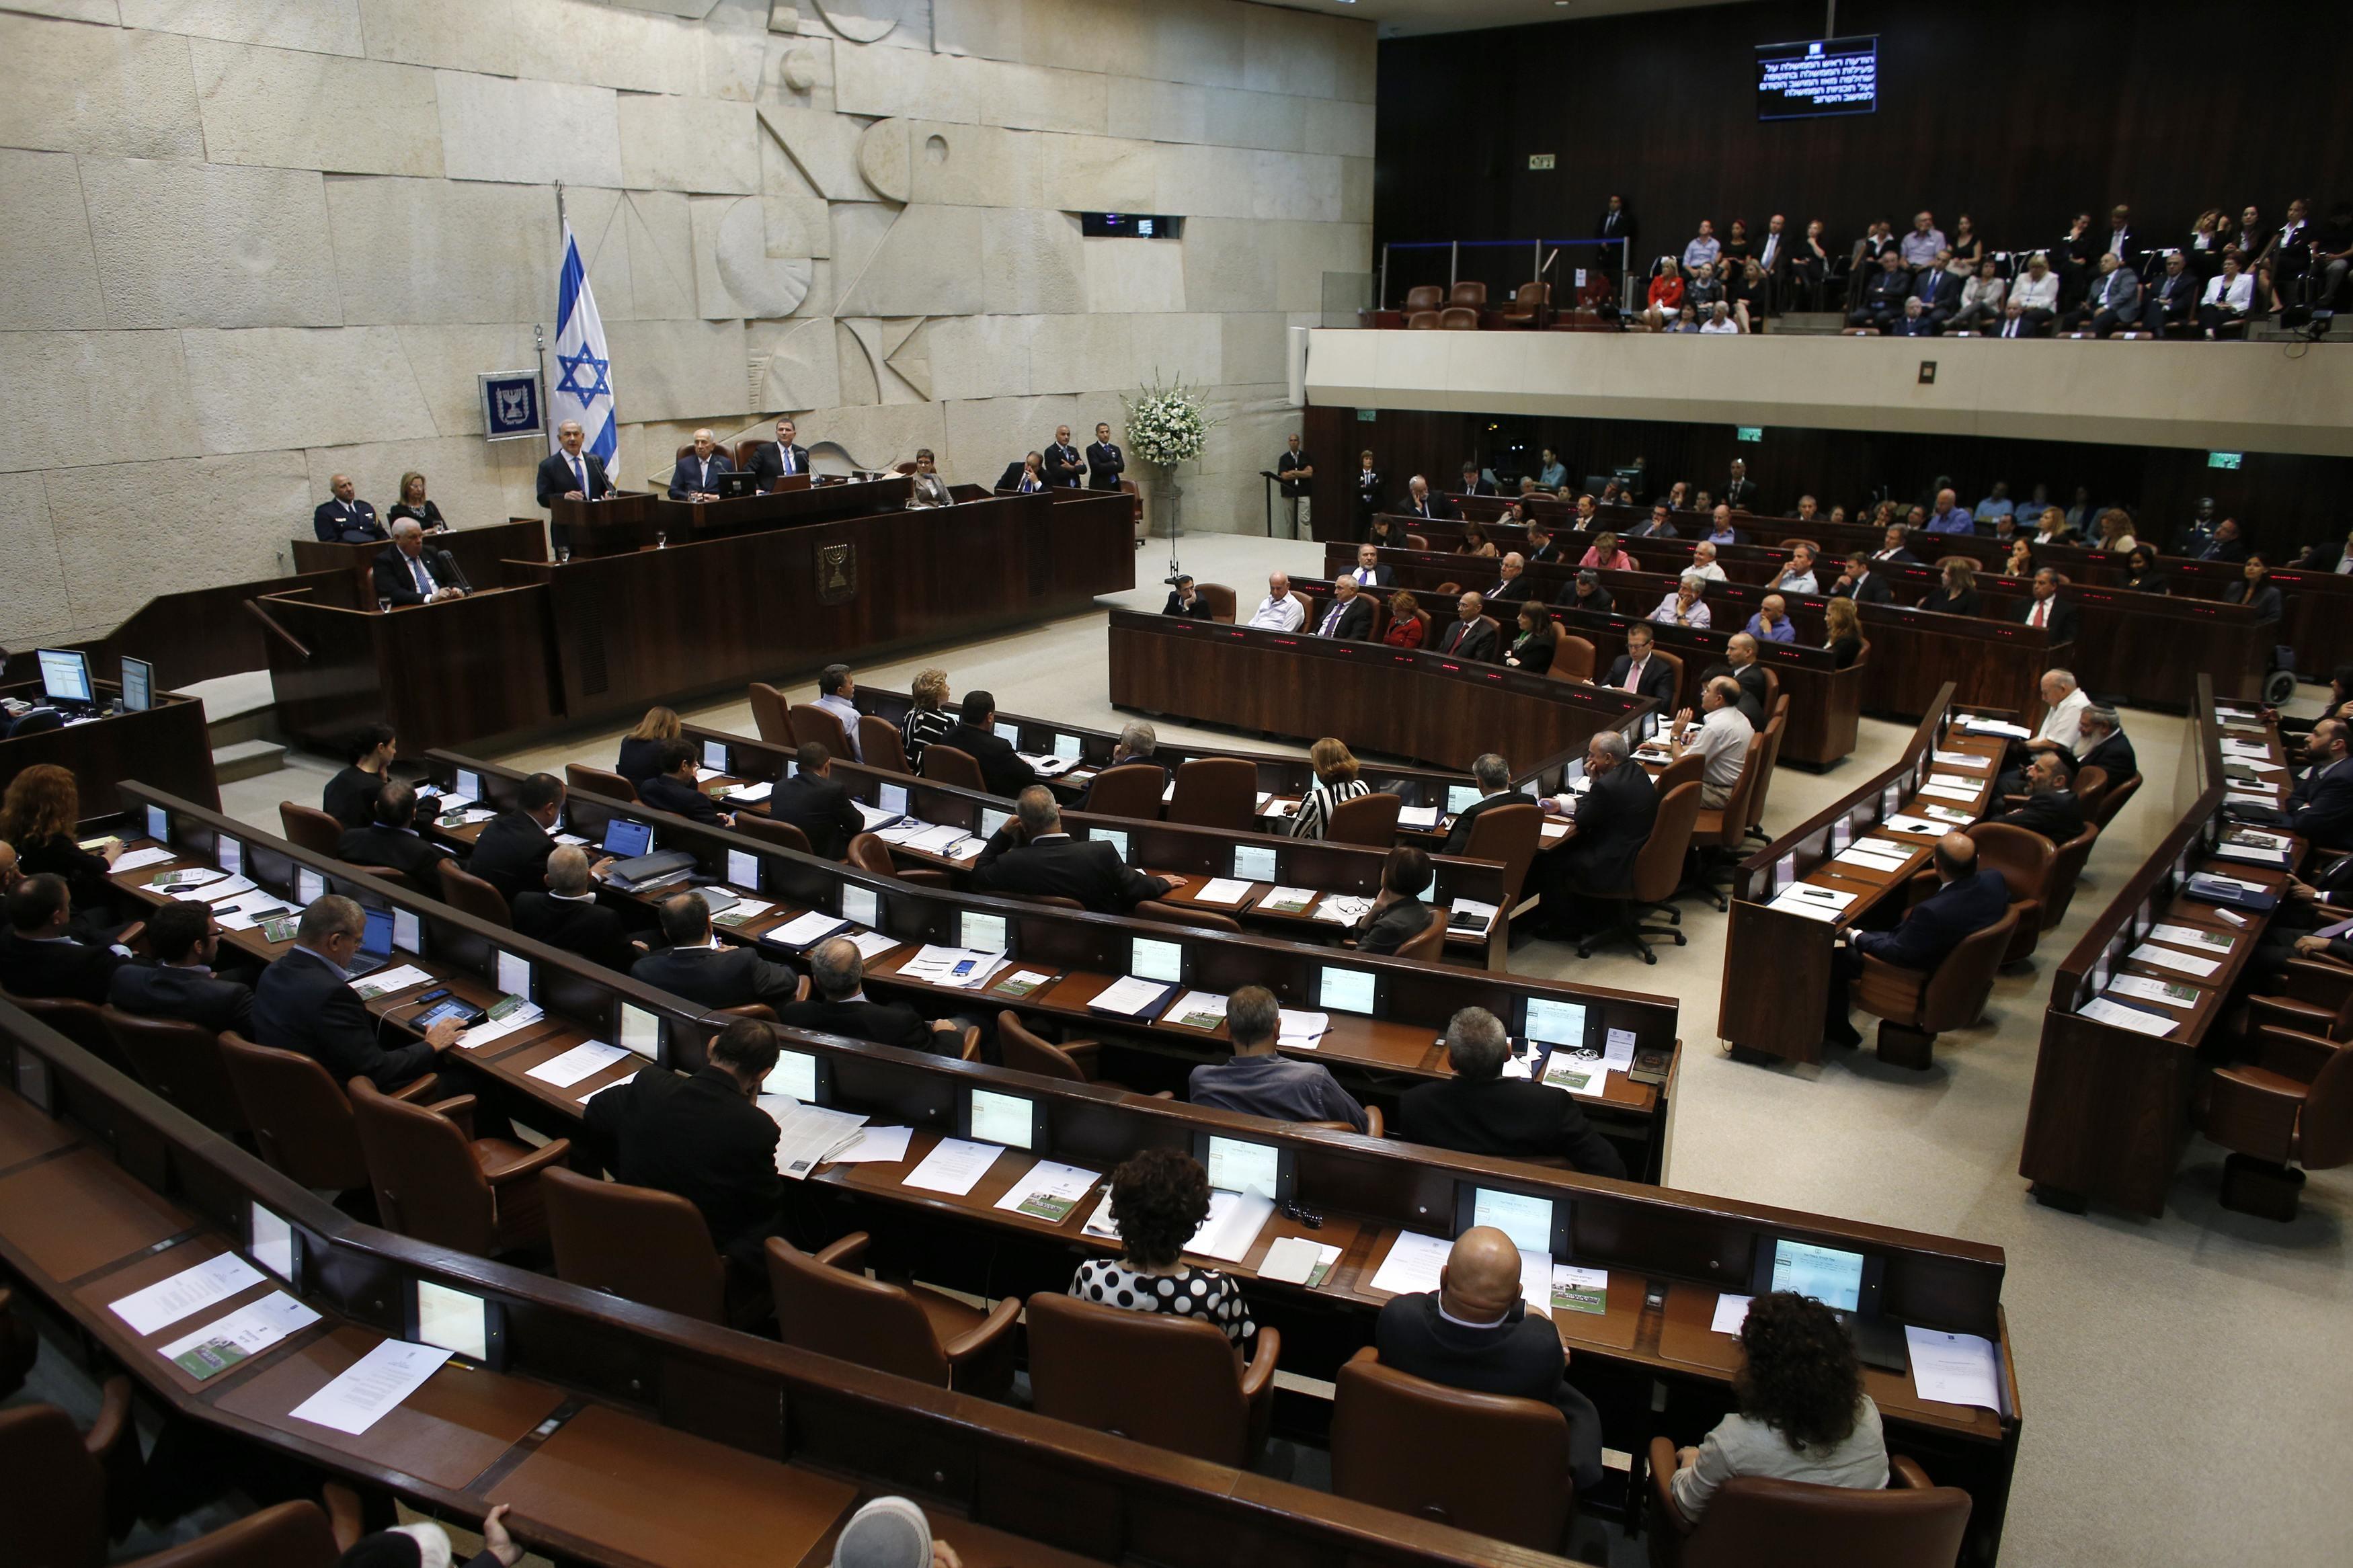 دفع التعويضات المالية التي فرضتها المحكمة في الدعوى ضد عائلة ماهر حمدي زهير الهشلمون